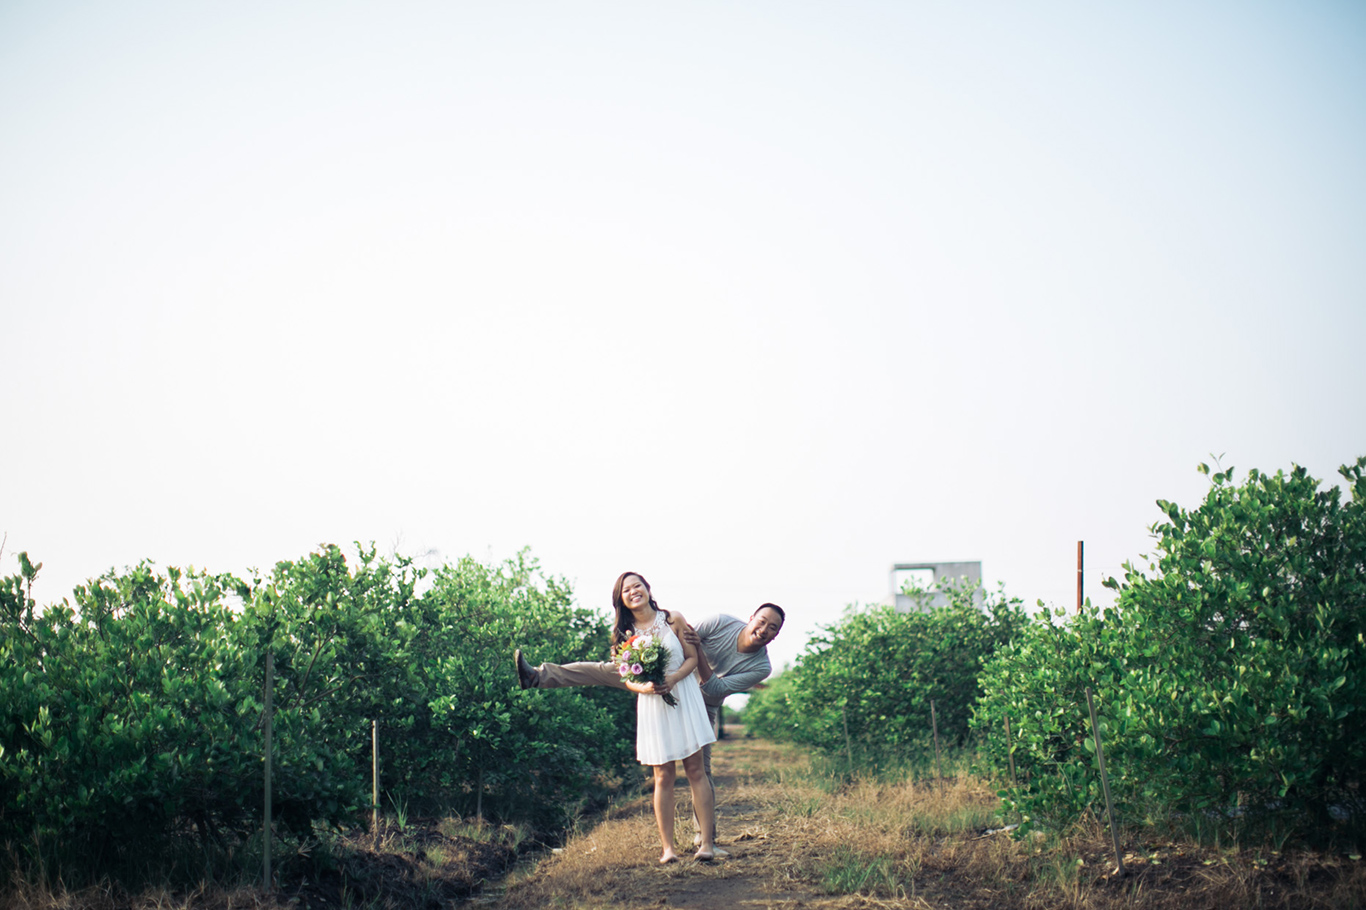 10-hellojanelee-sekinchan-prewedding-engagement-malaysia